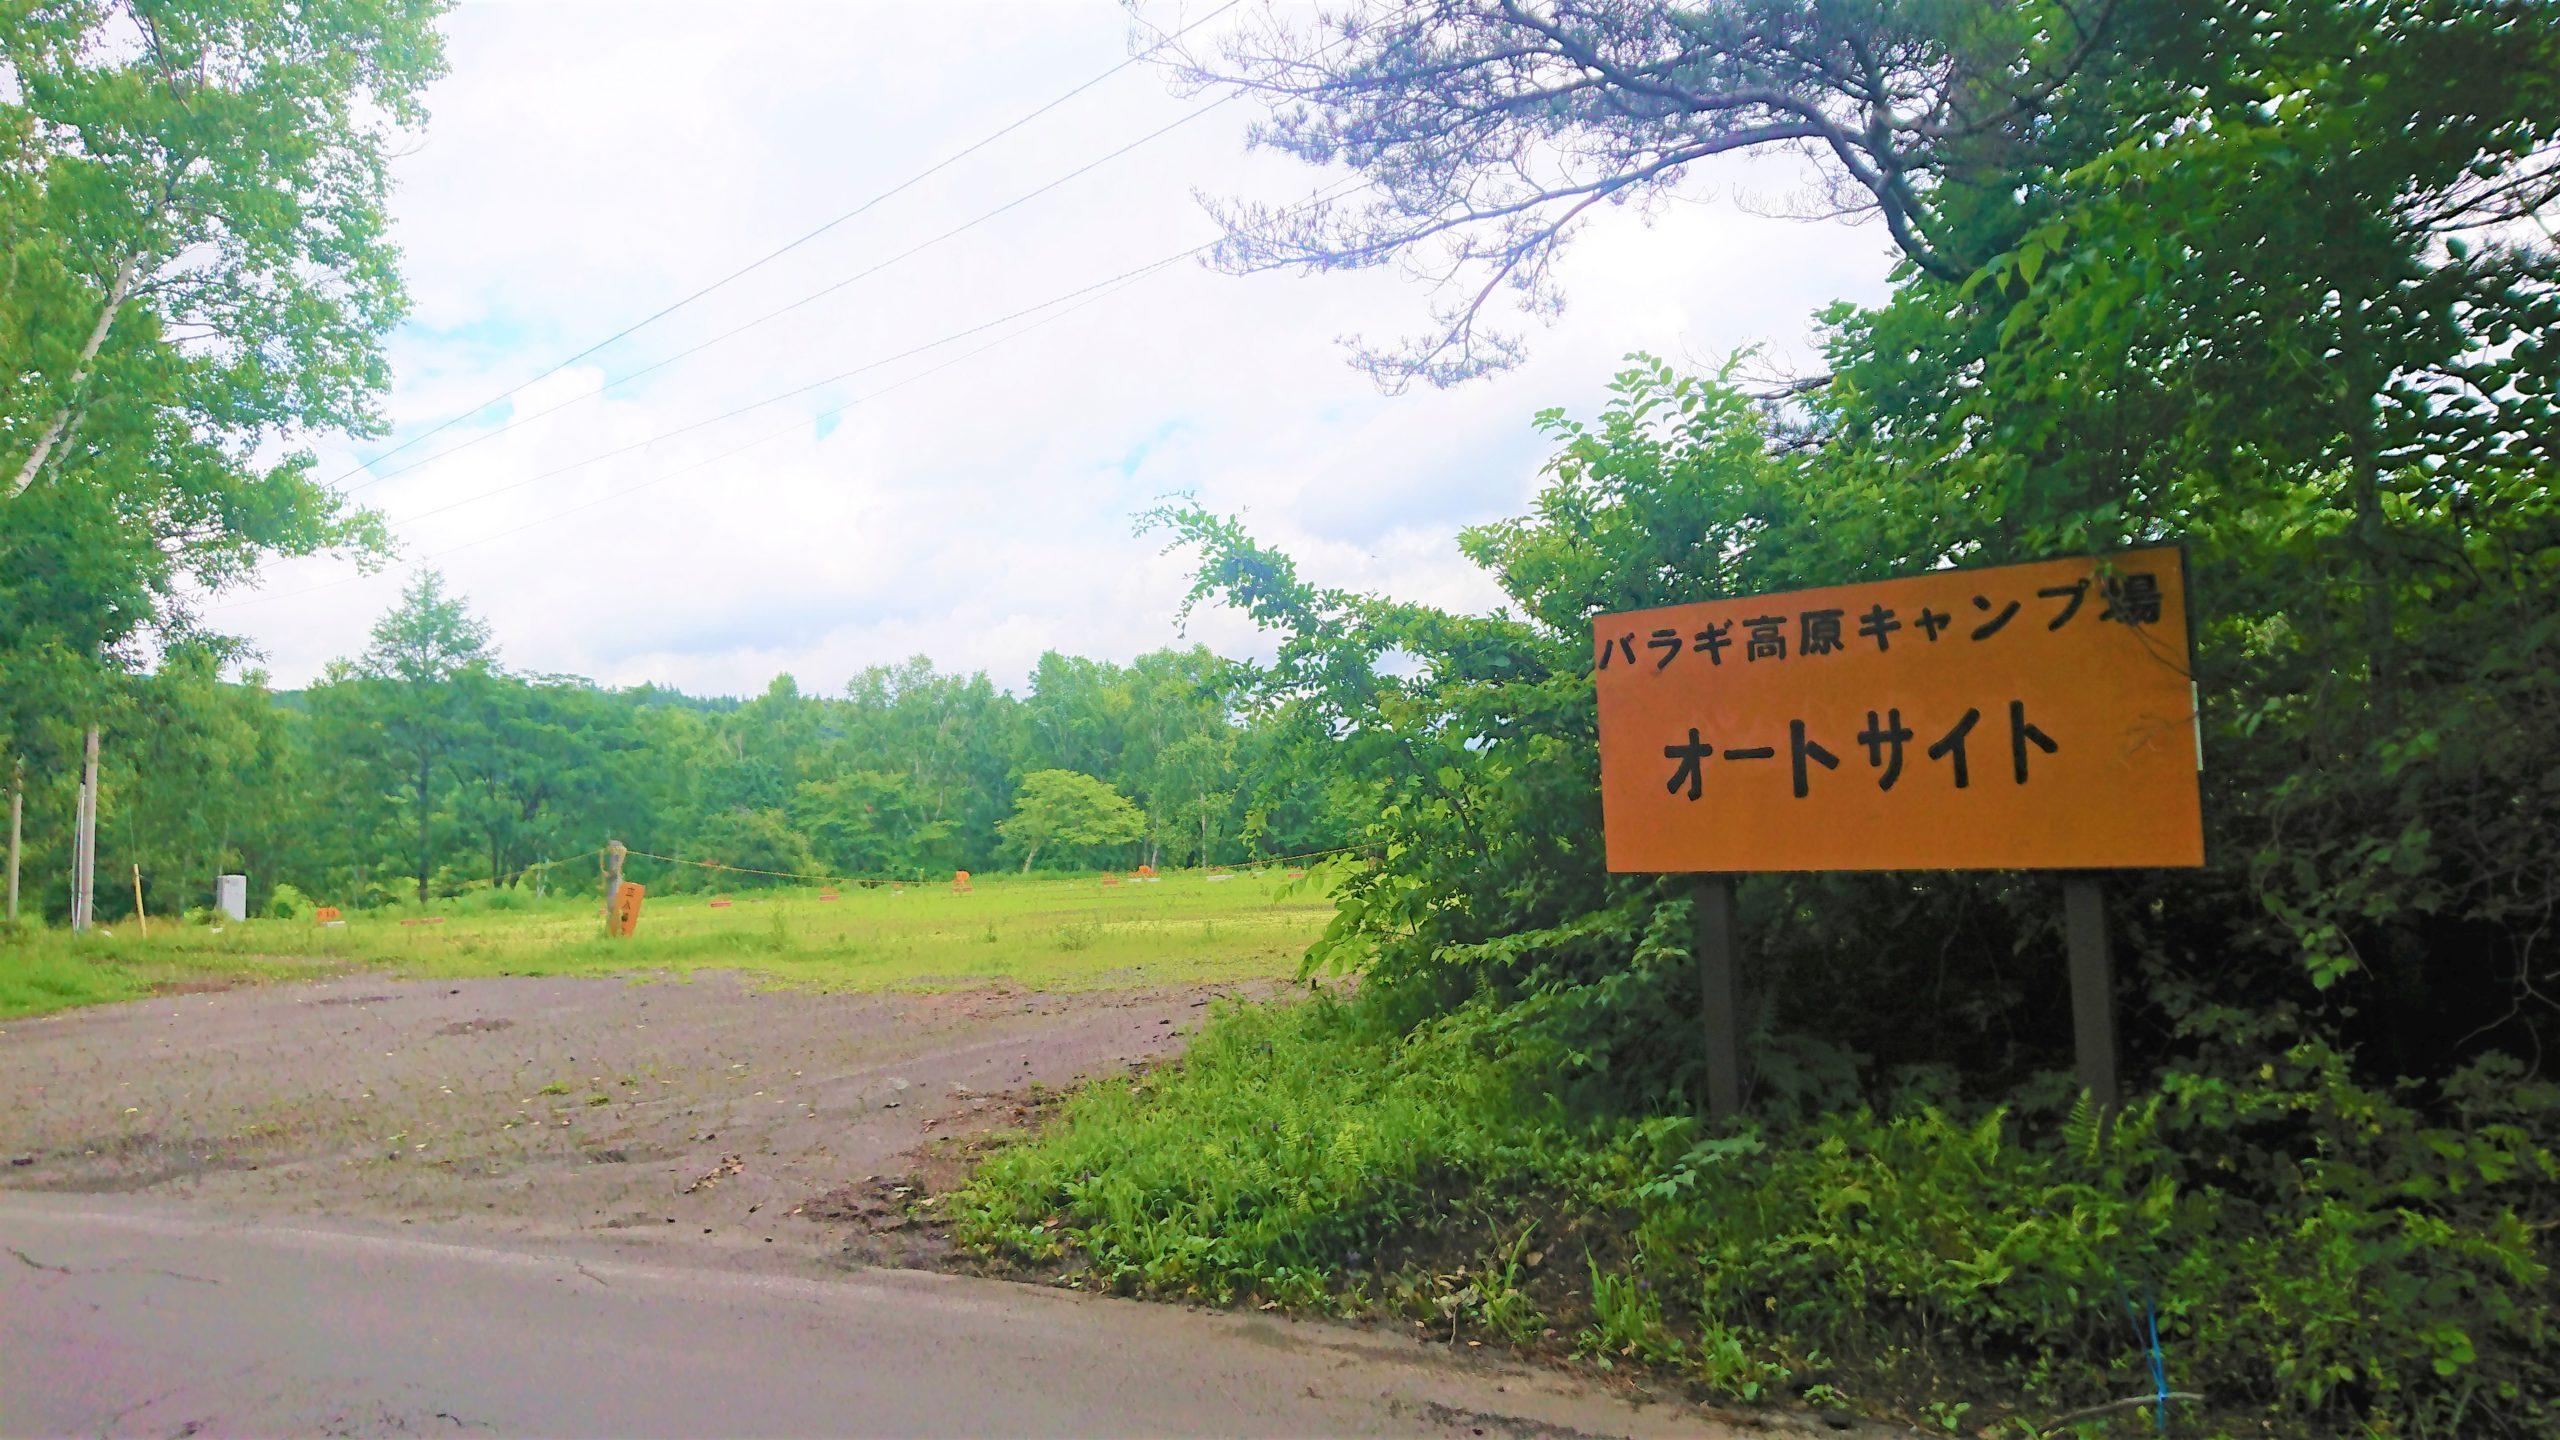 バラギ高原キャンプ場 オートサイト